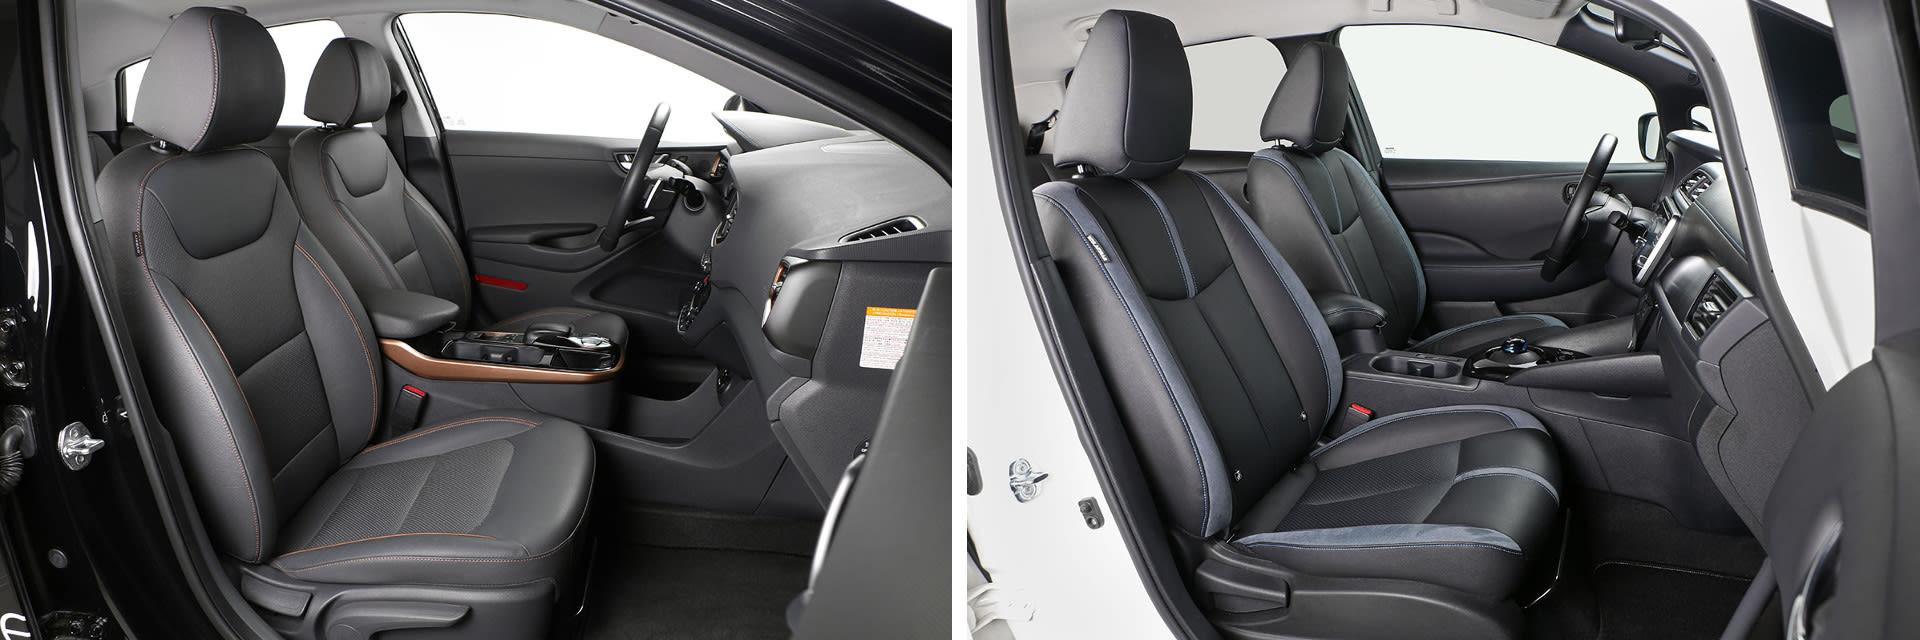 Los asientos delanteros del Hyundai IONIQ (izq.) y los del Nissan Leaf (dcha.) vienen de serie con calefacción.